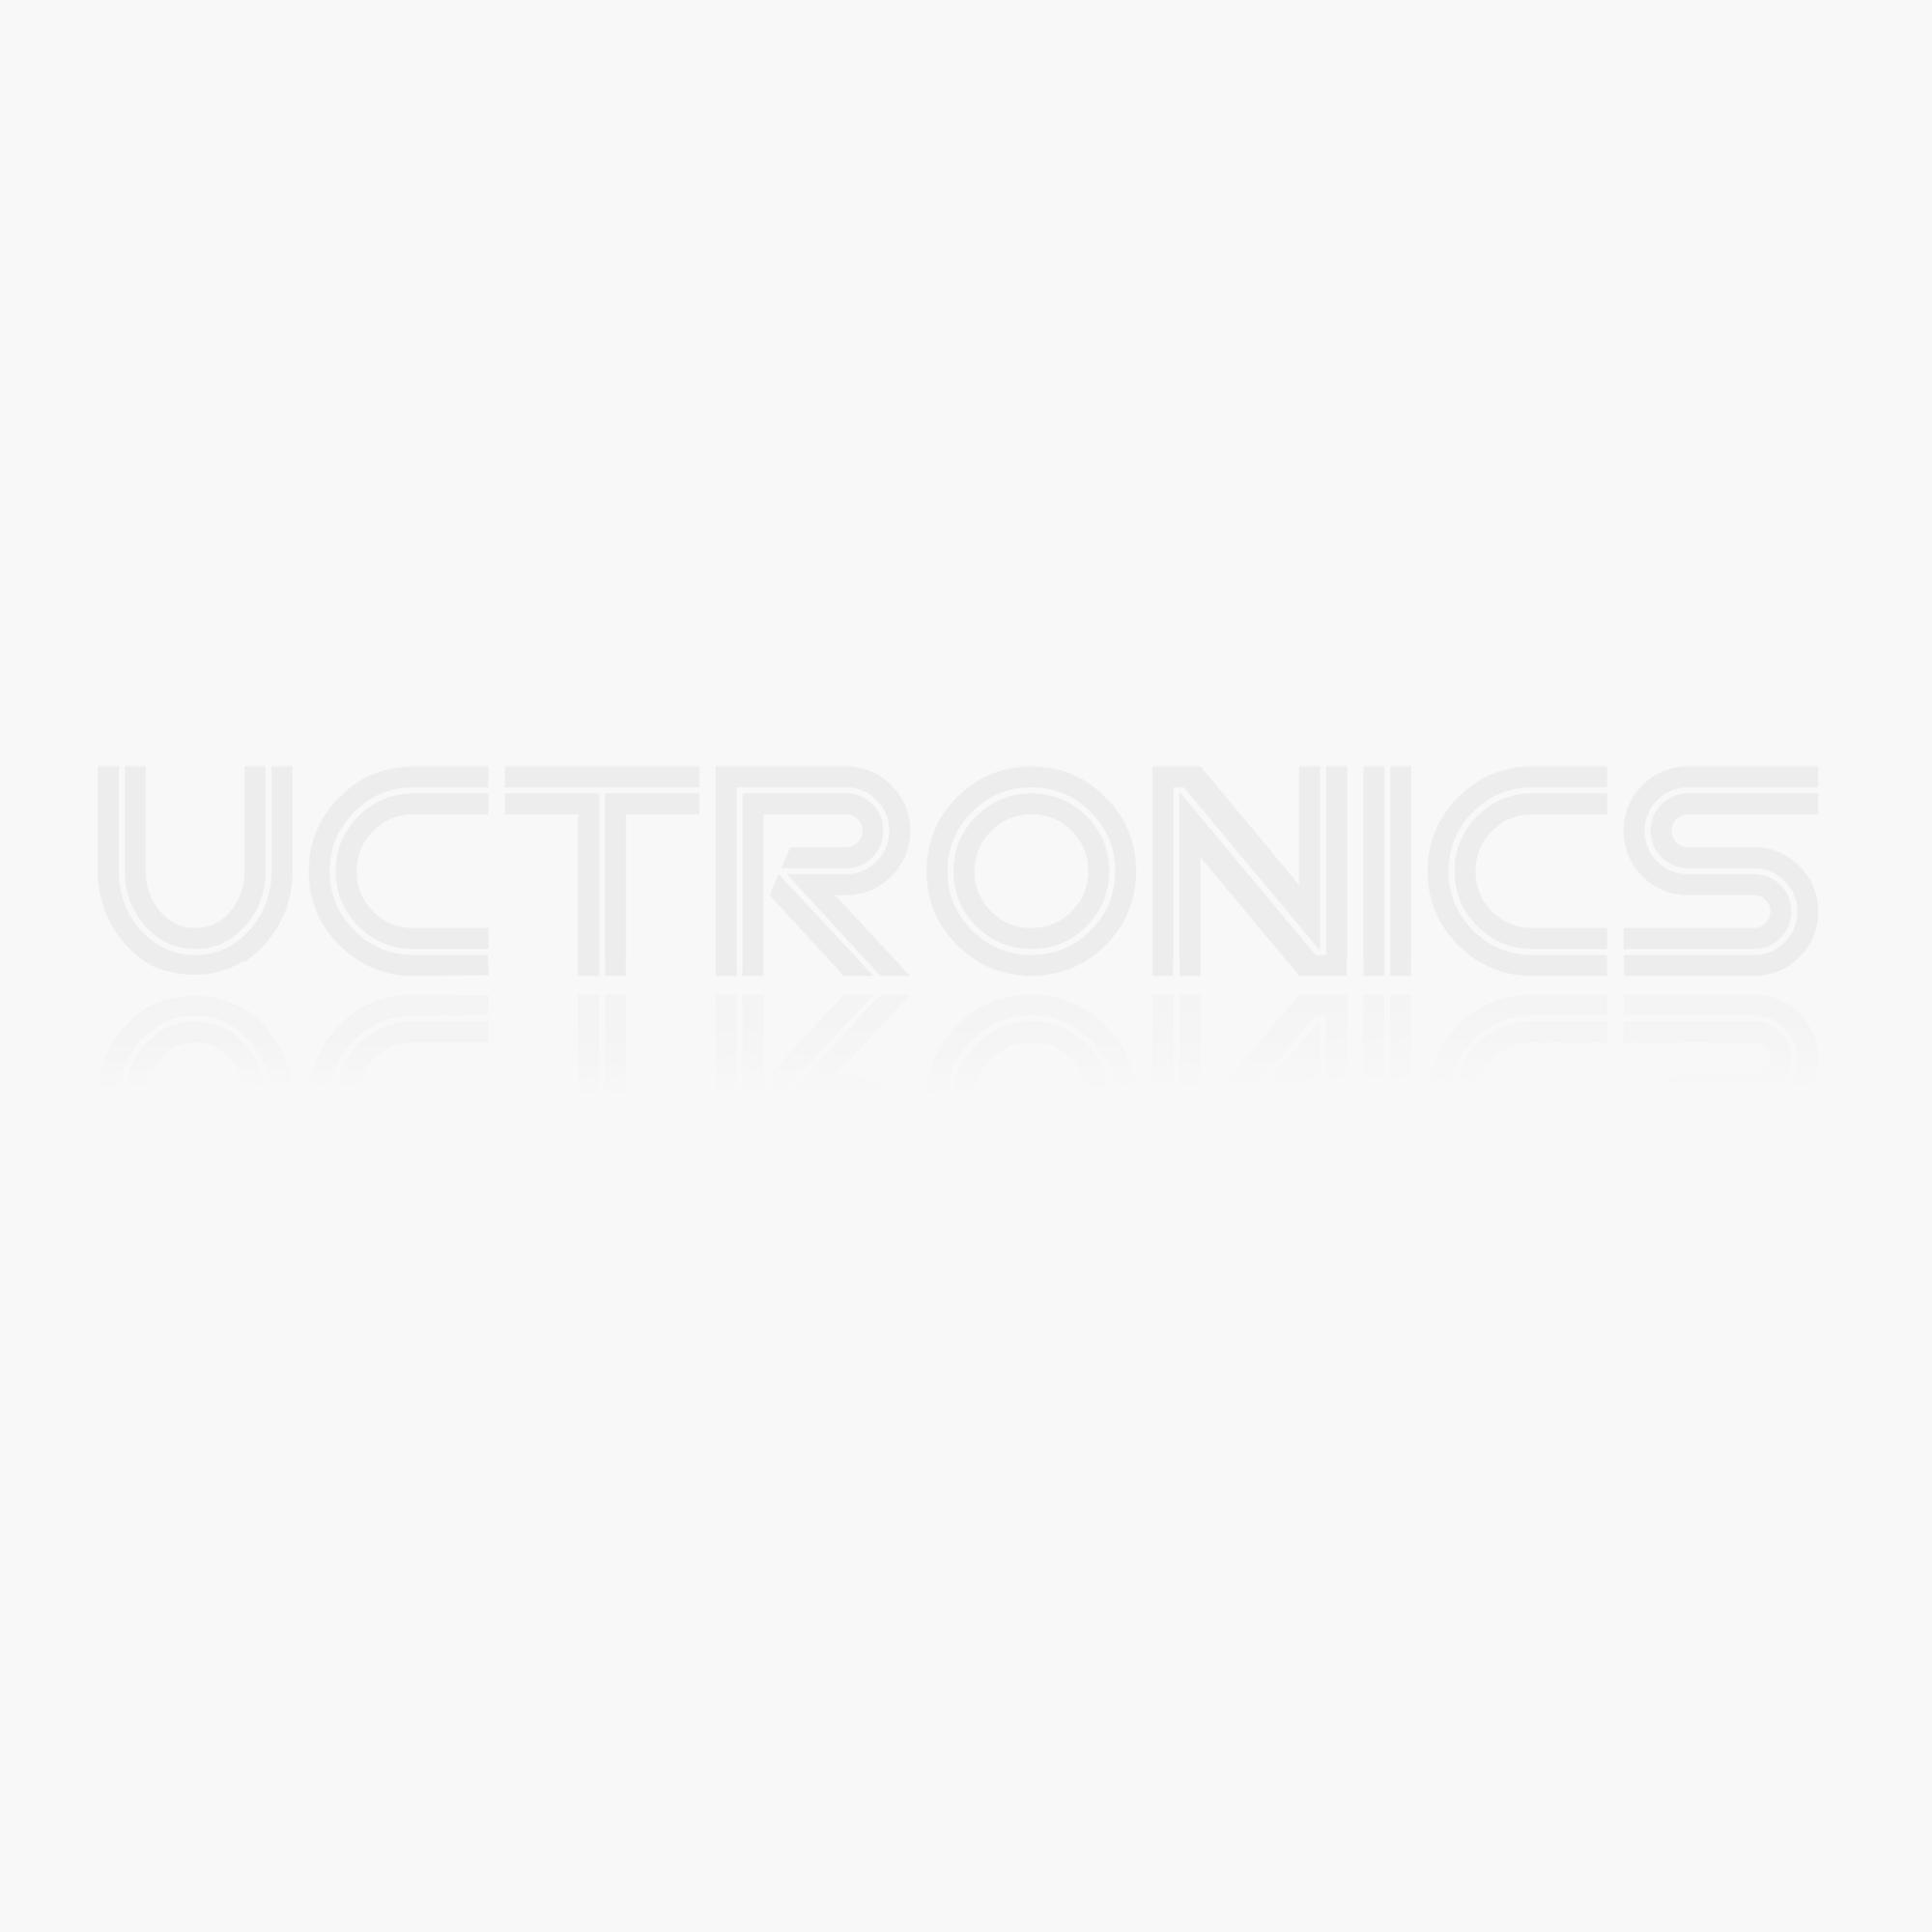 Arducam 5MP Plus Camera Shield w/ OV5640 Sensor for Arduino UNO Mega2560 board